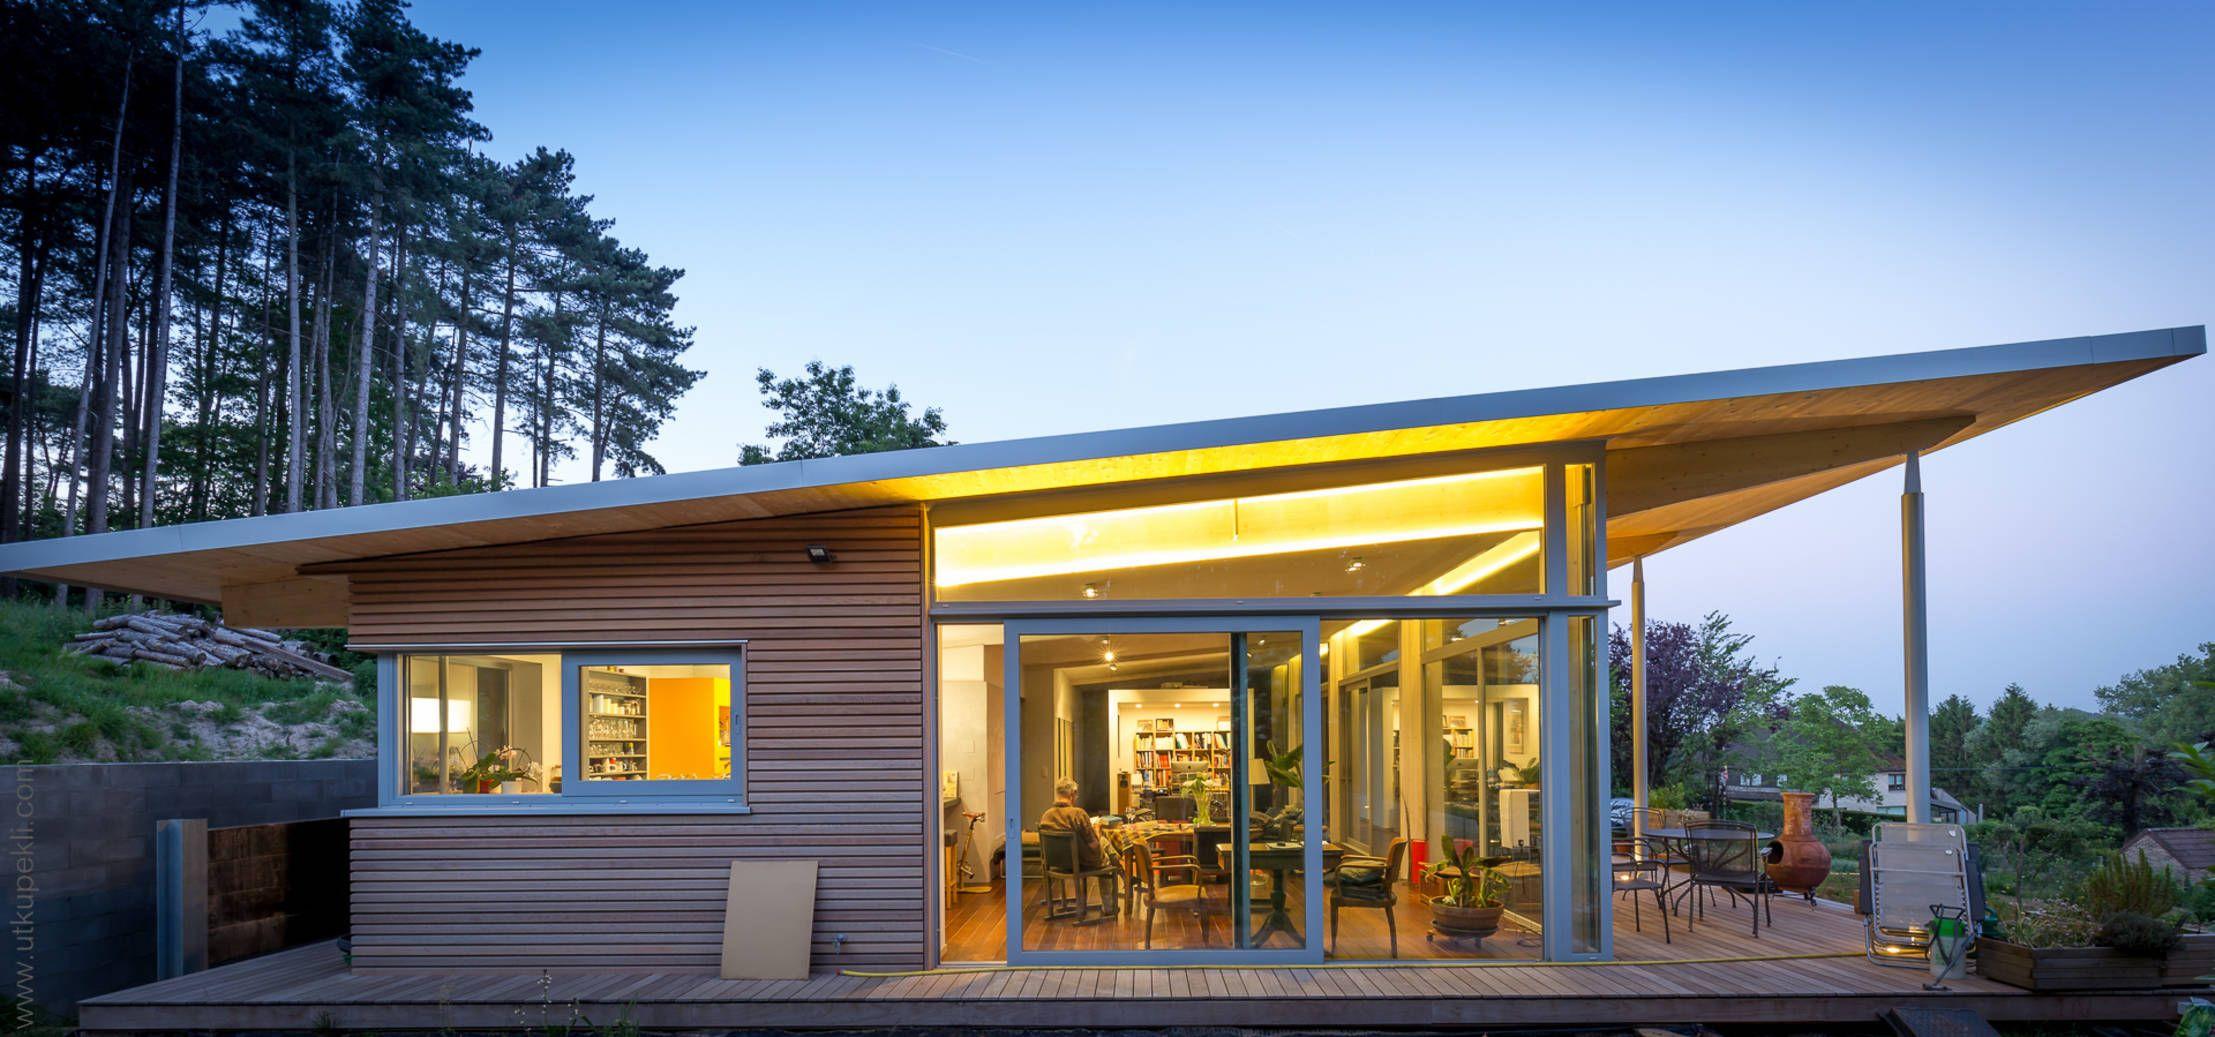 Best 20 Motivi Per Preferire Le Case A Tetto Piano Flat Roof 400 x 300